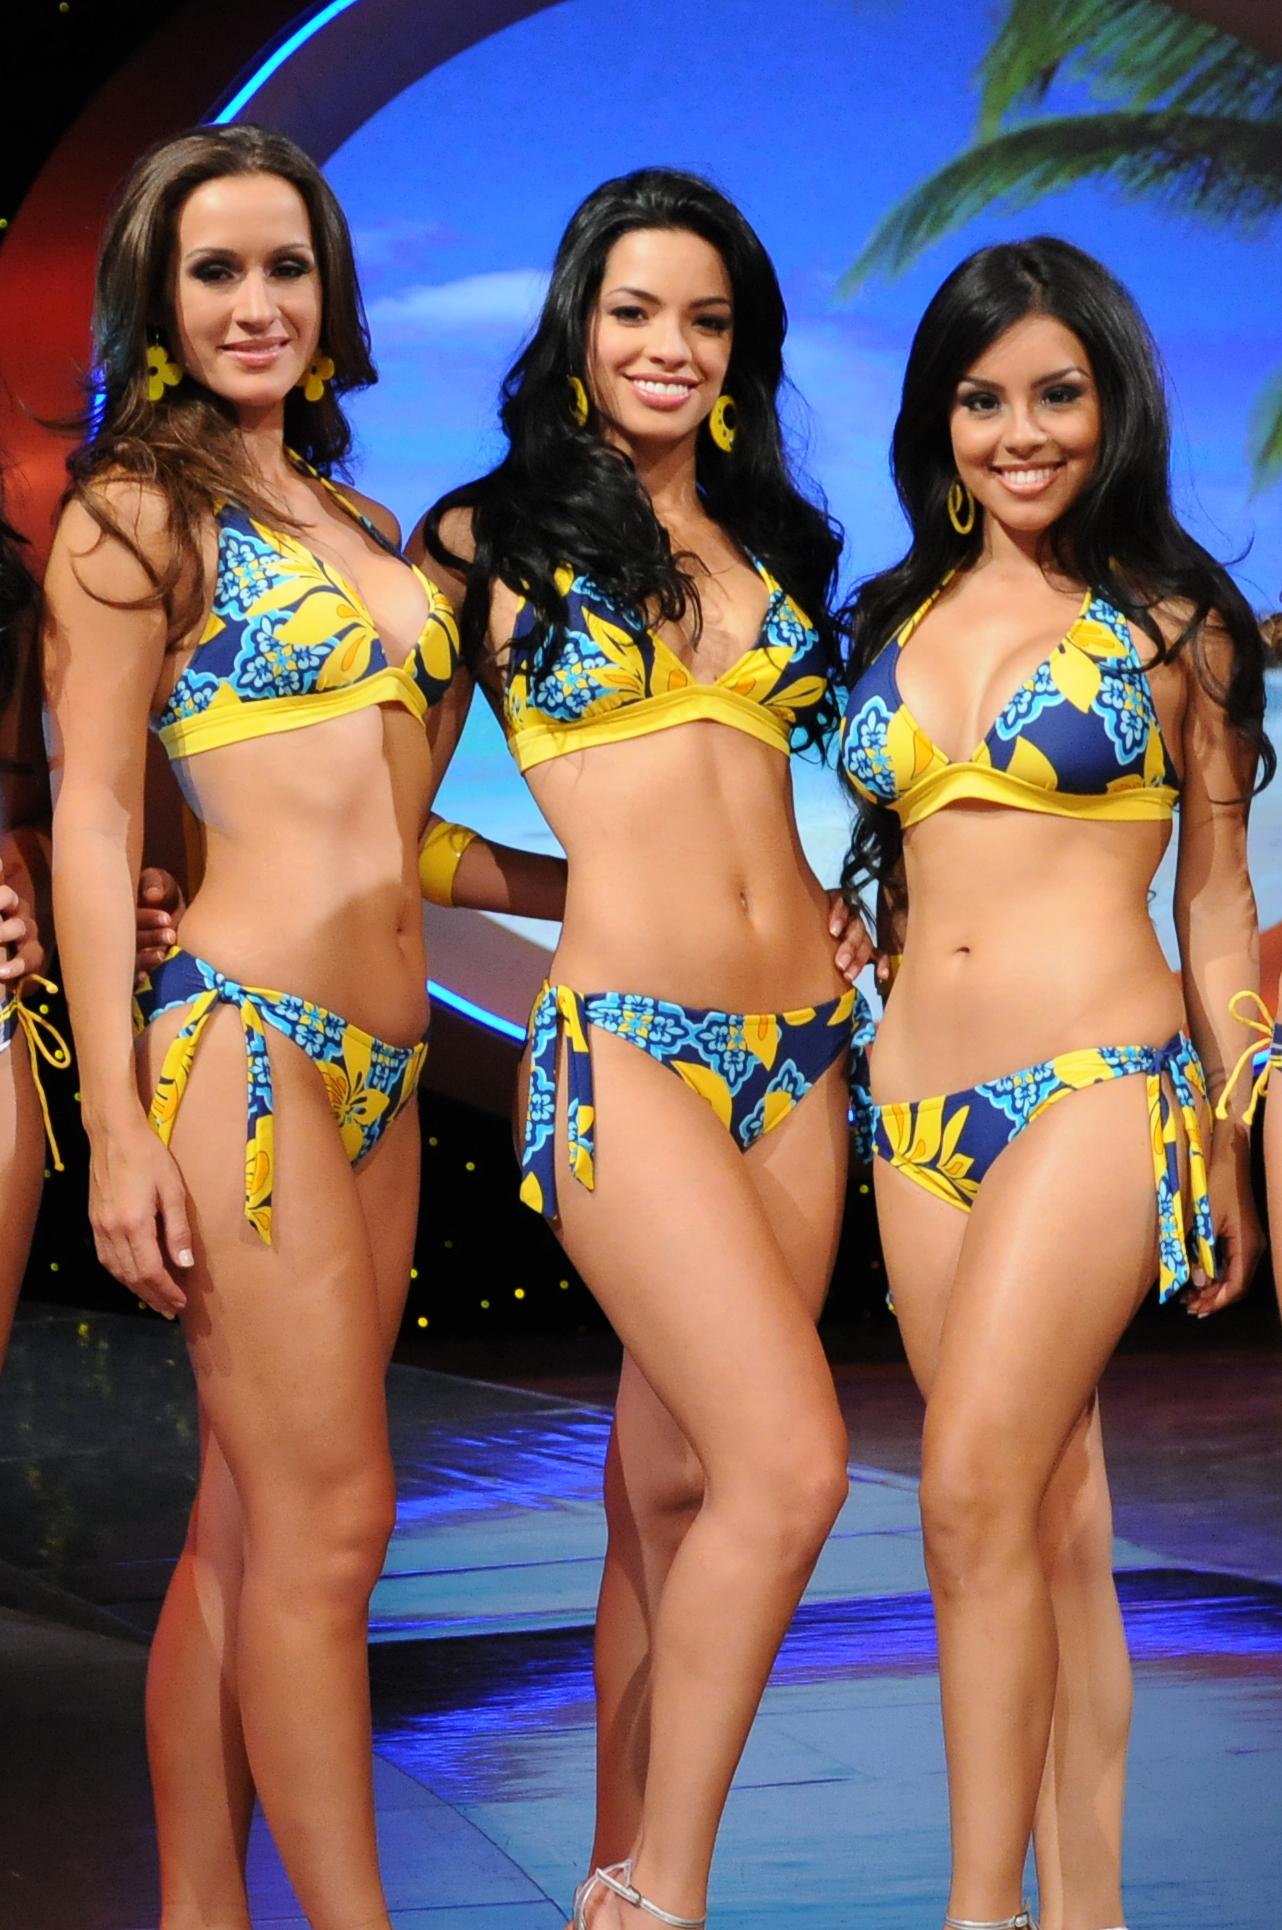 Dayami padron nuestra belleza latina